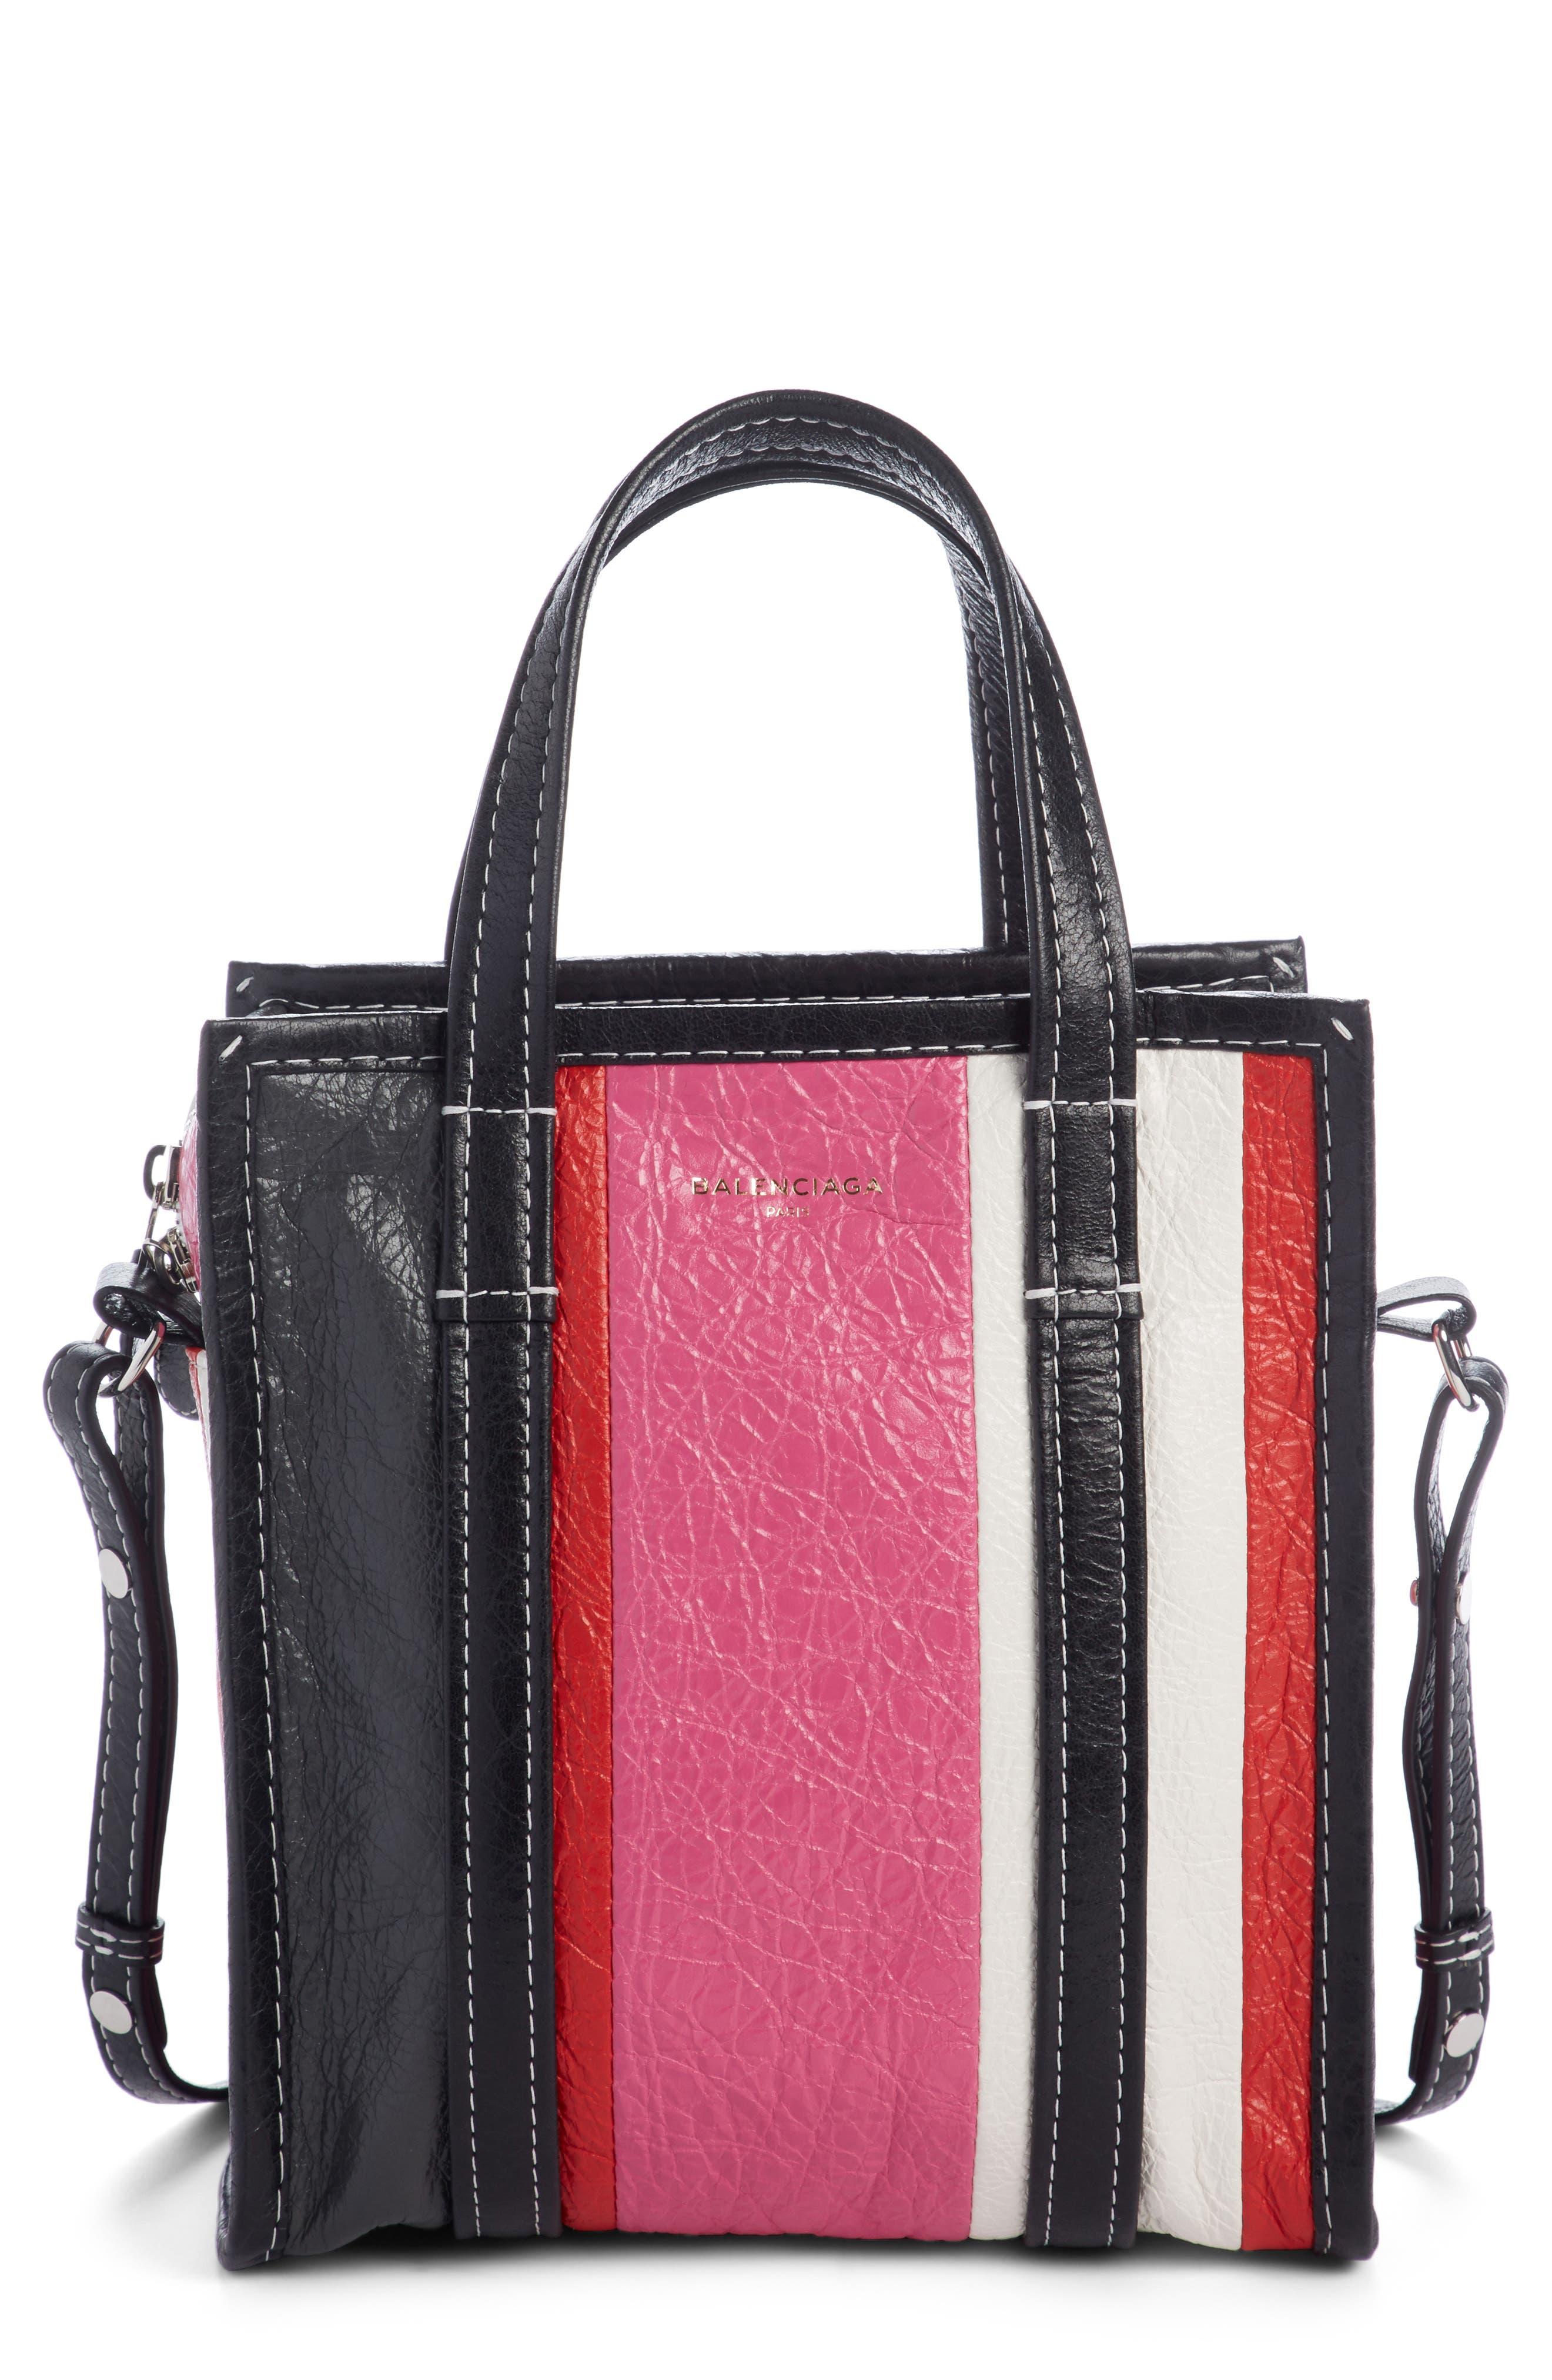 Main Image - Balenciaga Extra Small Bazaar Leather Shopper